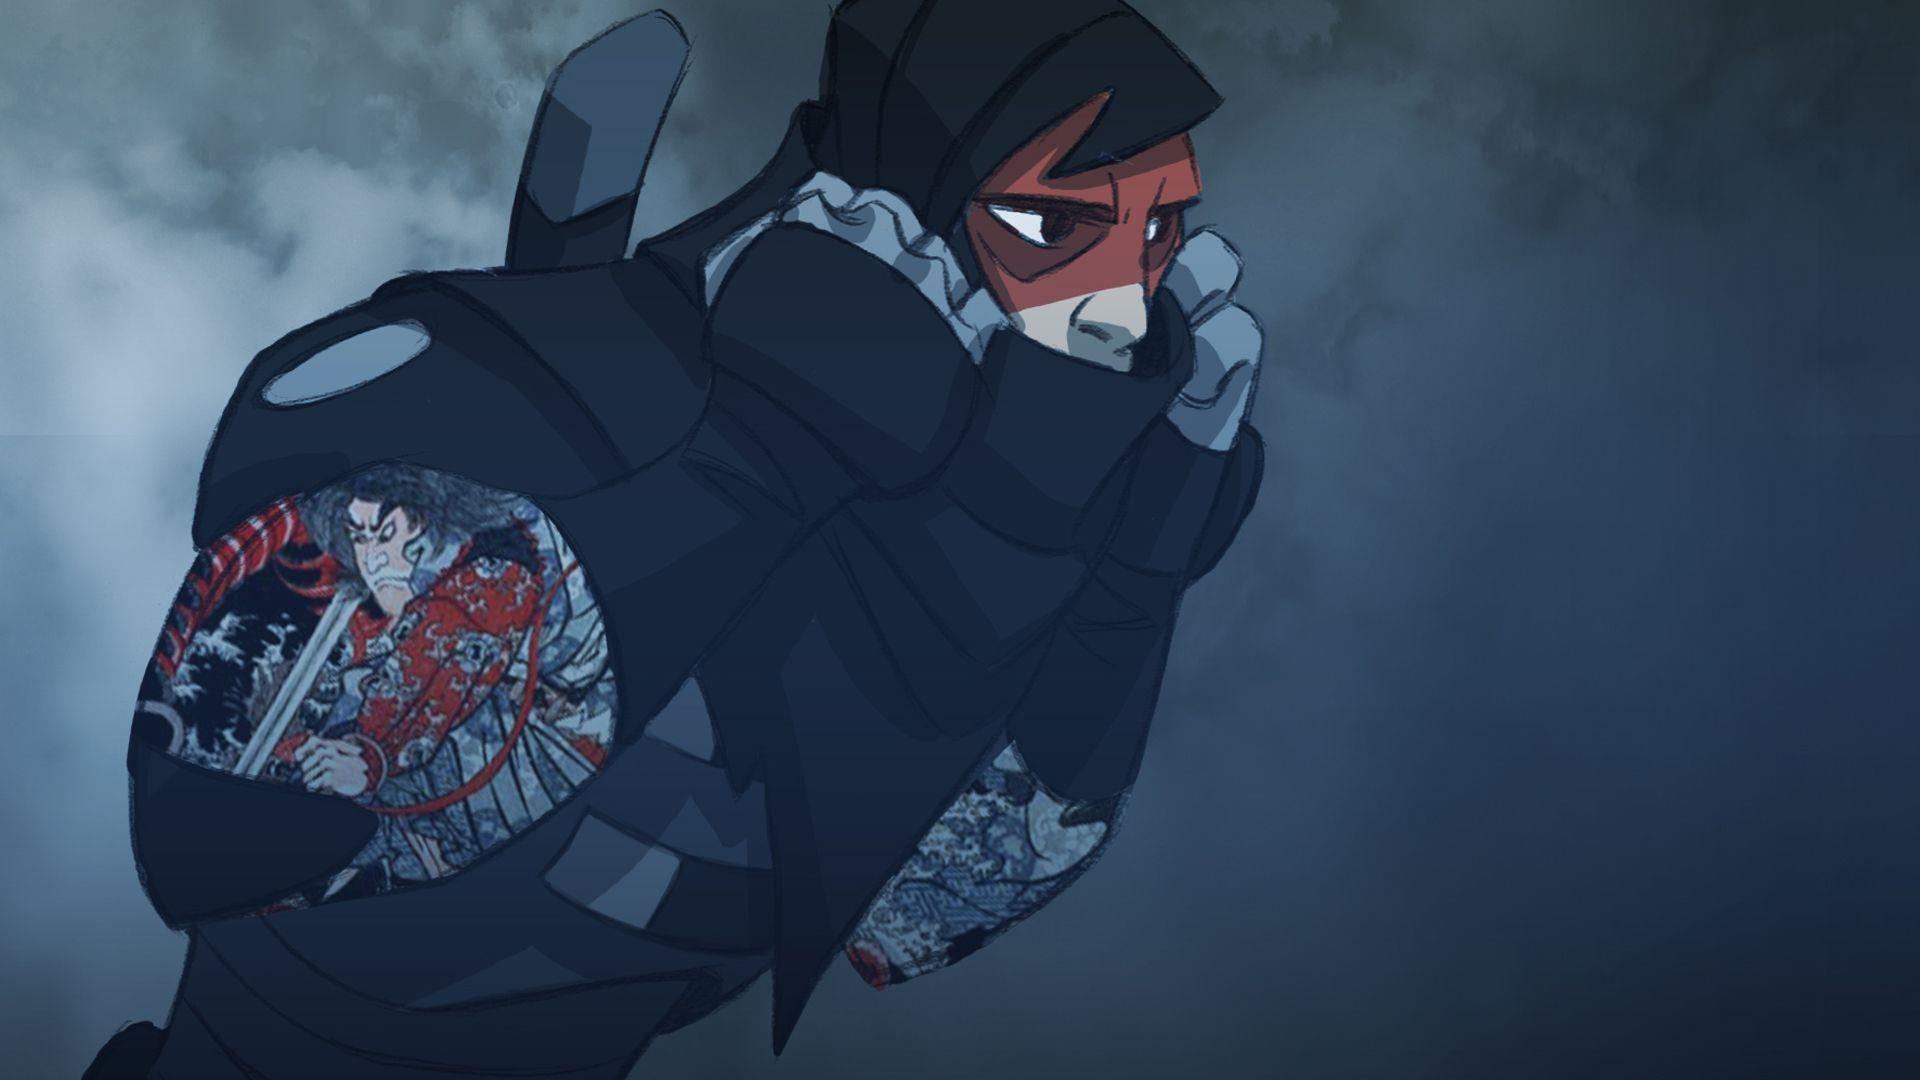 Mark of the Ninja Steam Card 9/9 Masked Ninja art